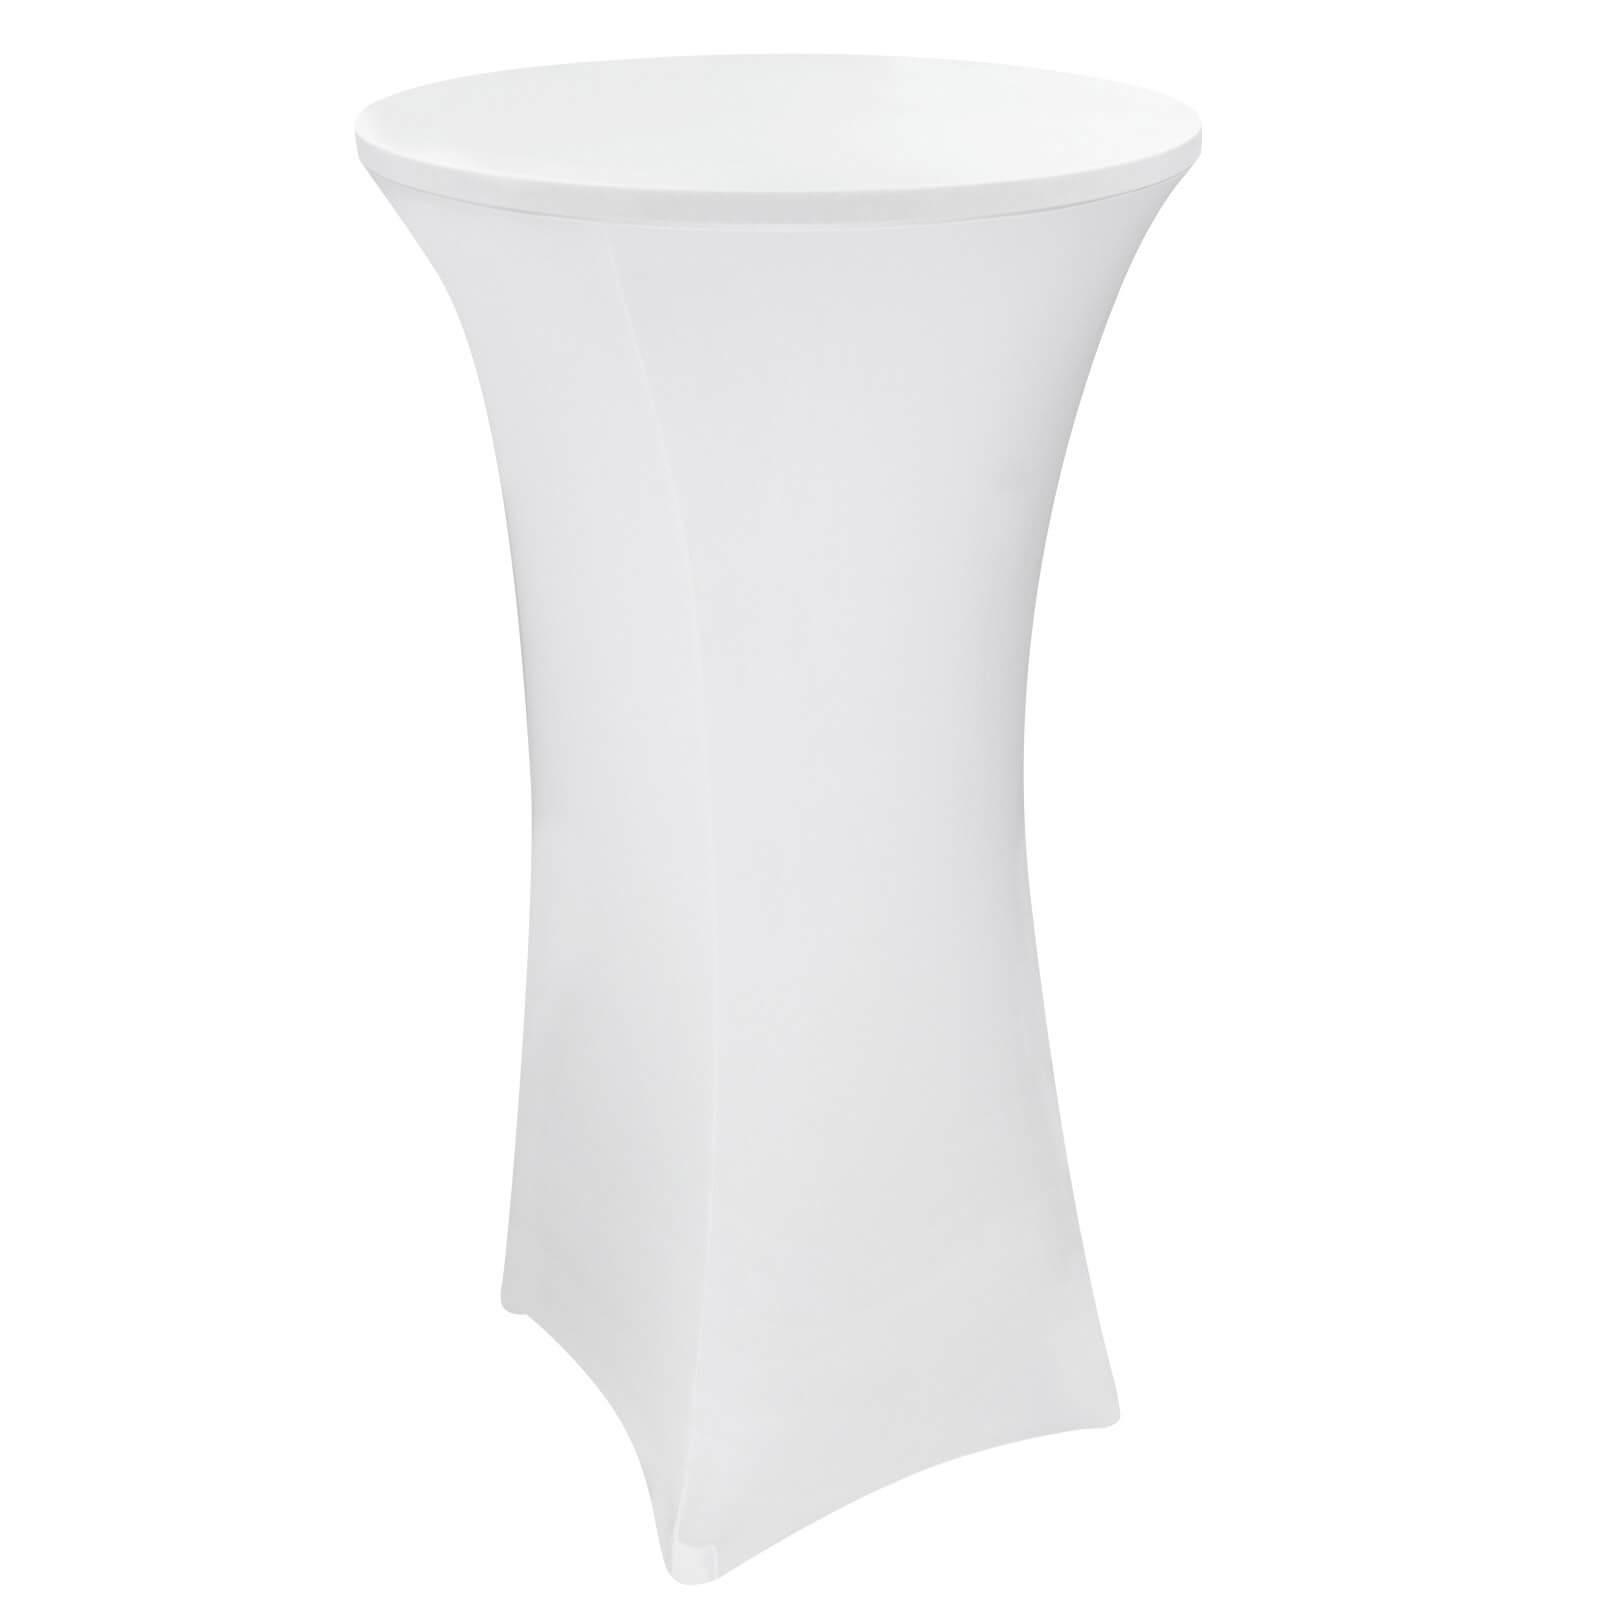 Dema Stehtischhusse 80x120 cm weiß Stretch Stehtisch Bistrotisch Husse 14134